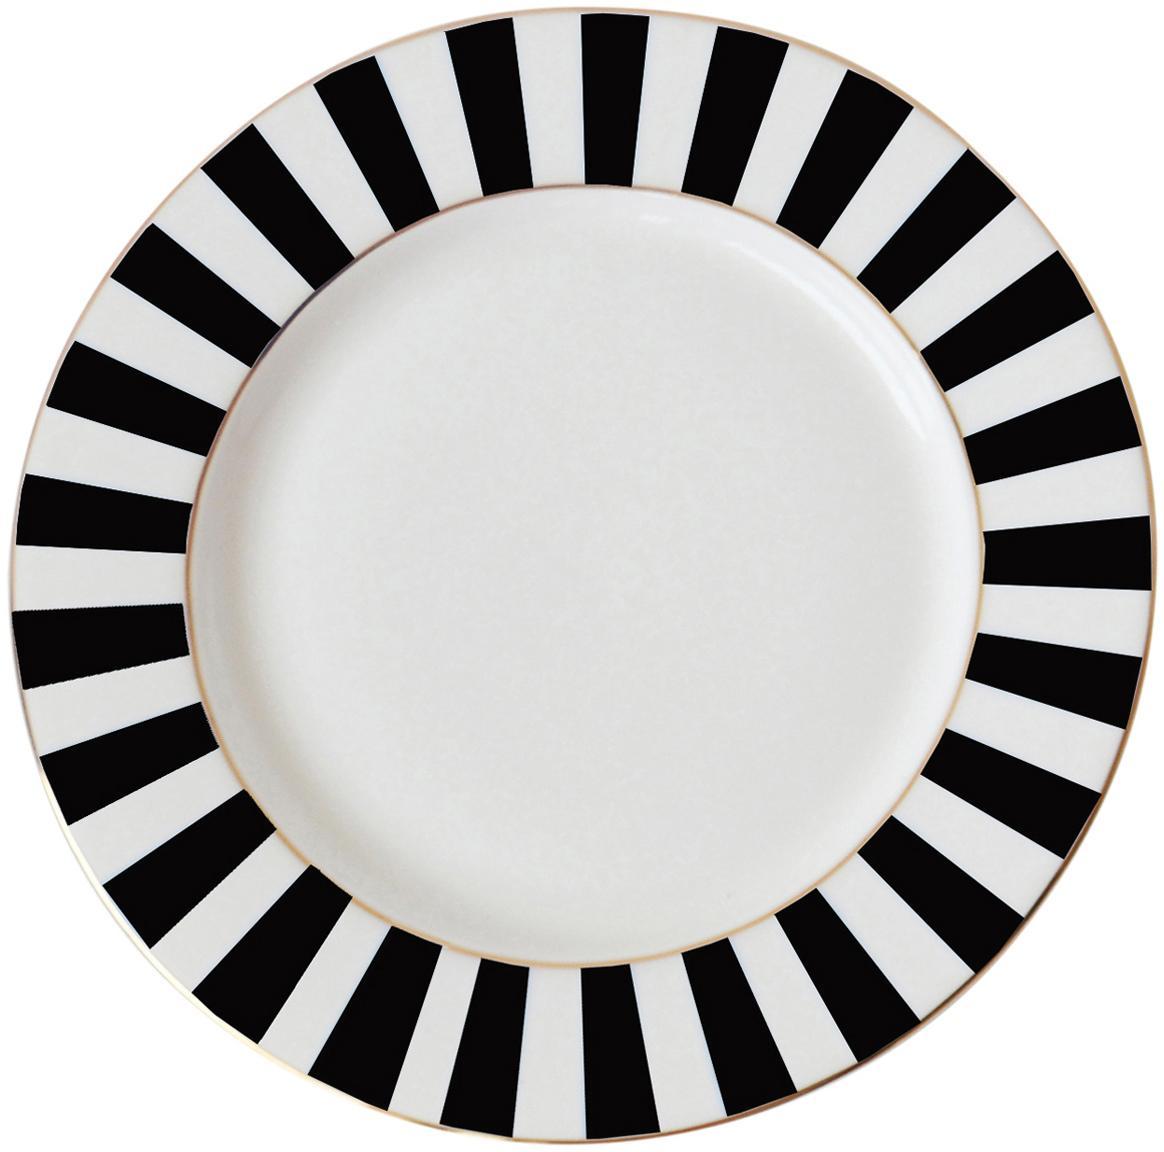 Ontbijtbord Stripy, Beenderporselein, Zwart, wit, Ø 19 cm